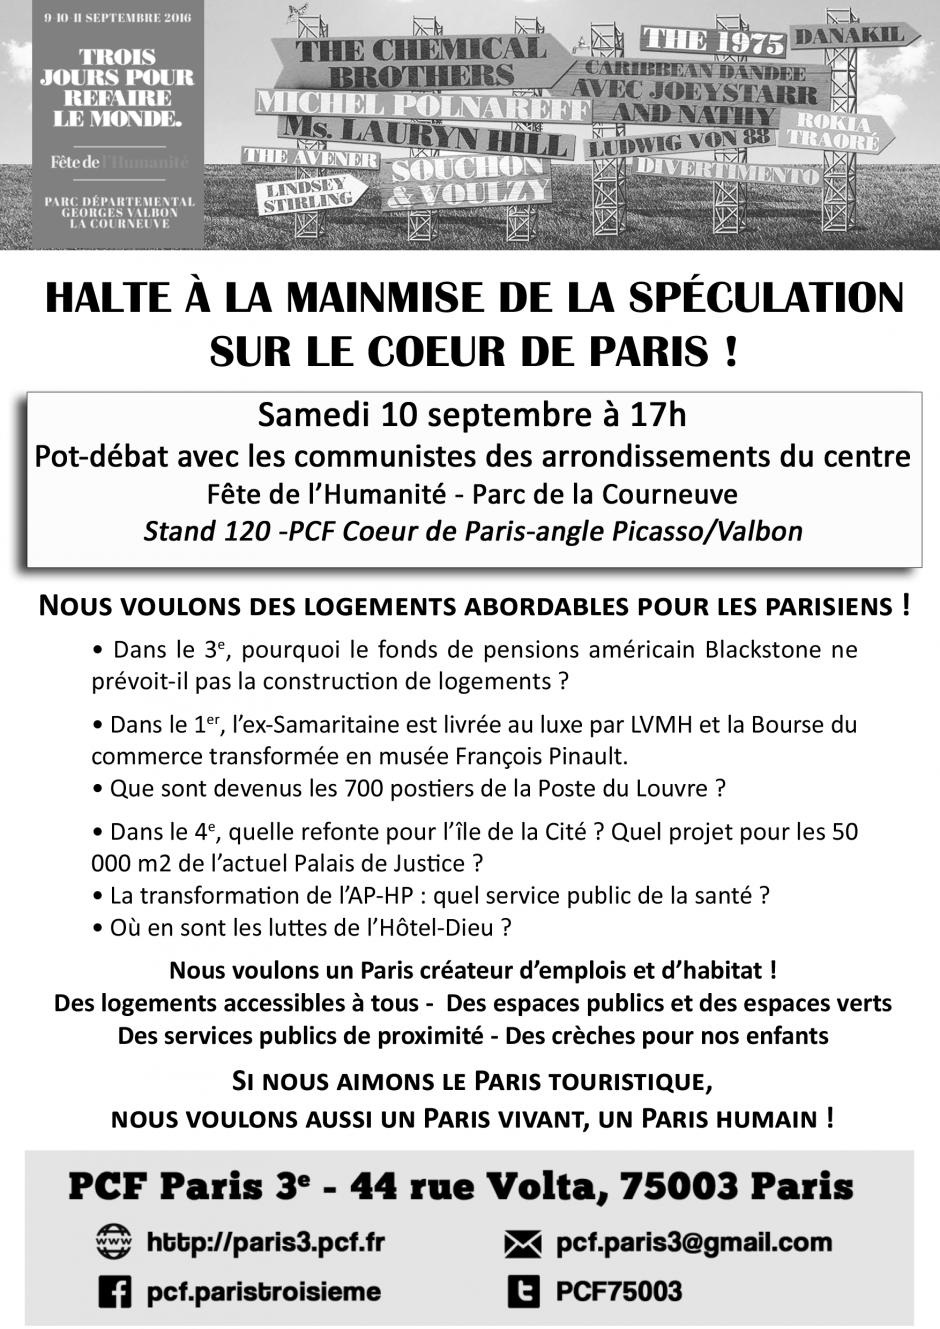 Fête de l'Huma : samedi 10 septembre à 17h, débat sur le logement à Paris sur notre stand